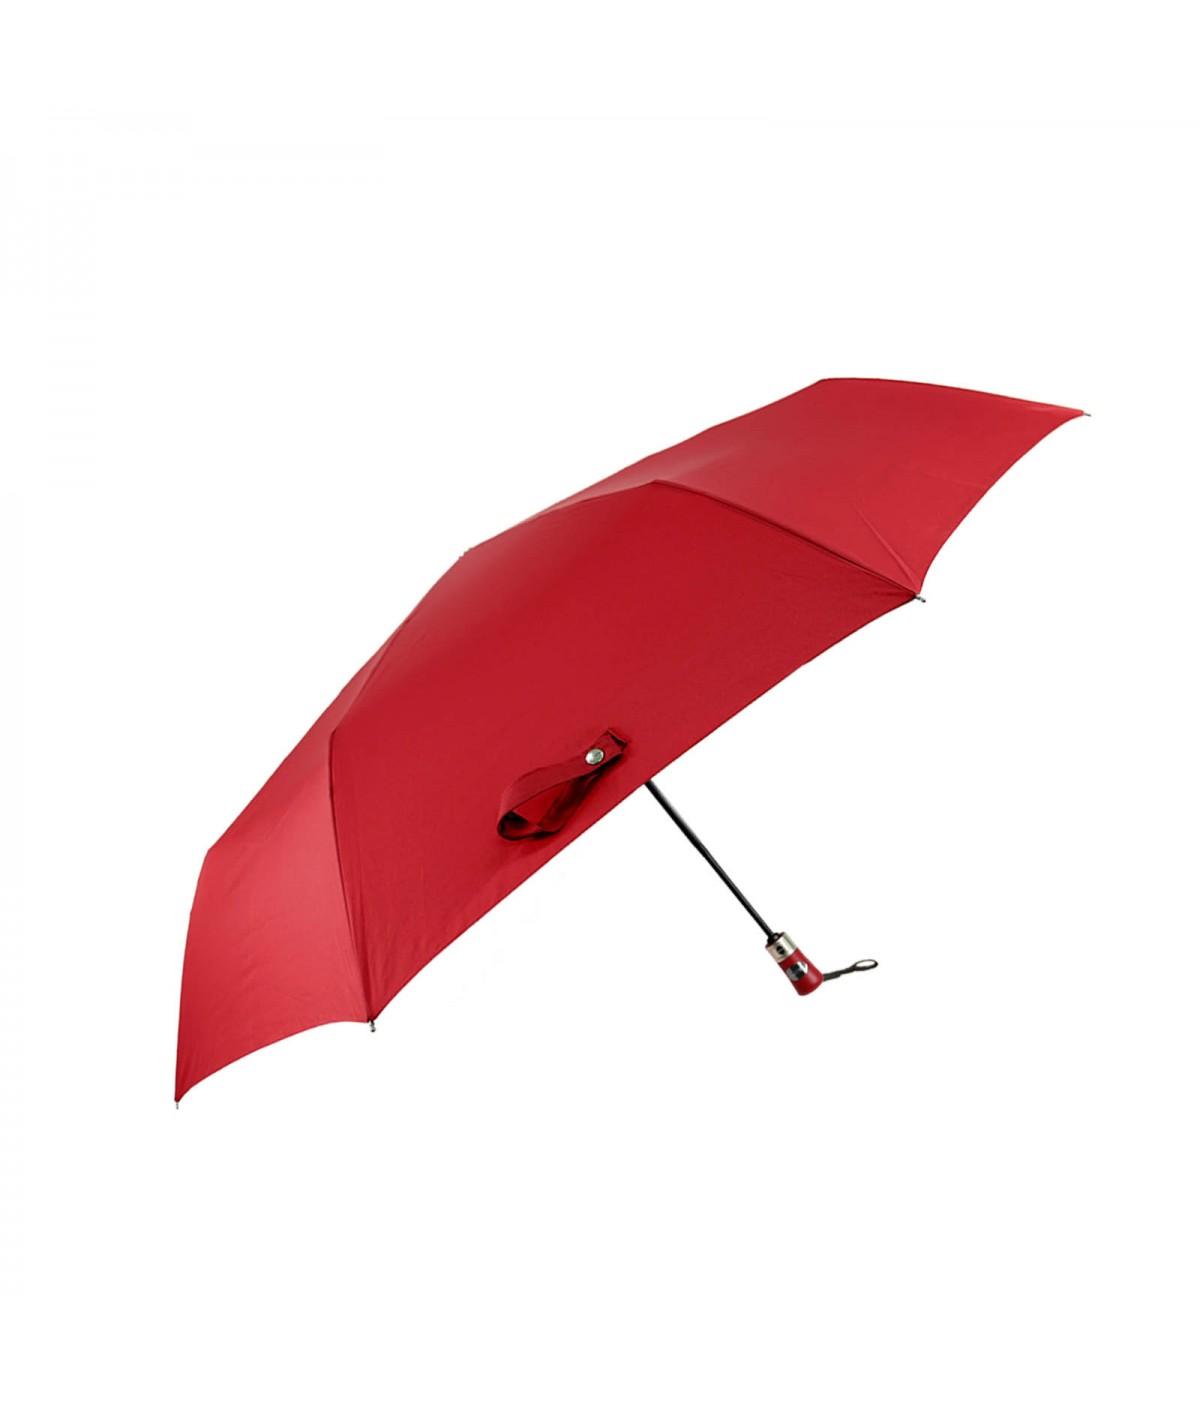 """→ Parapluie """"Mini Golf"""" Ouverture / Fermeture Automatique - Rouge - Par Maison Pierre Vaux"""